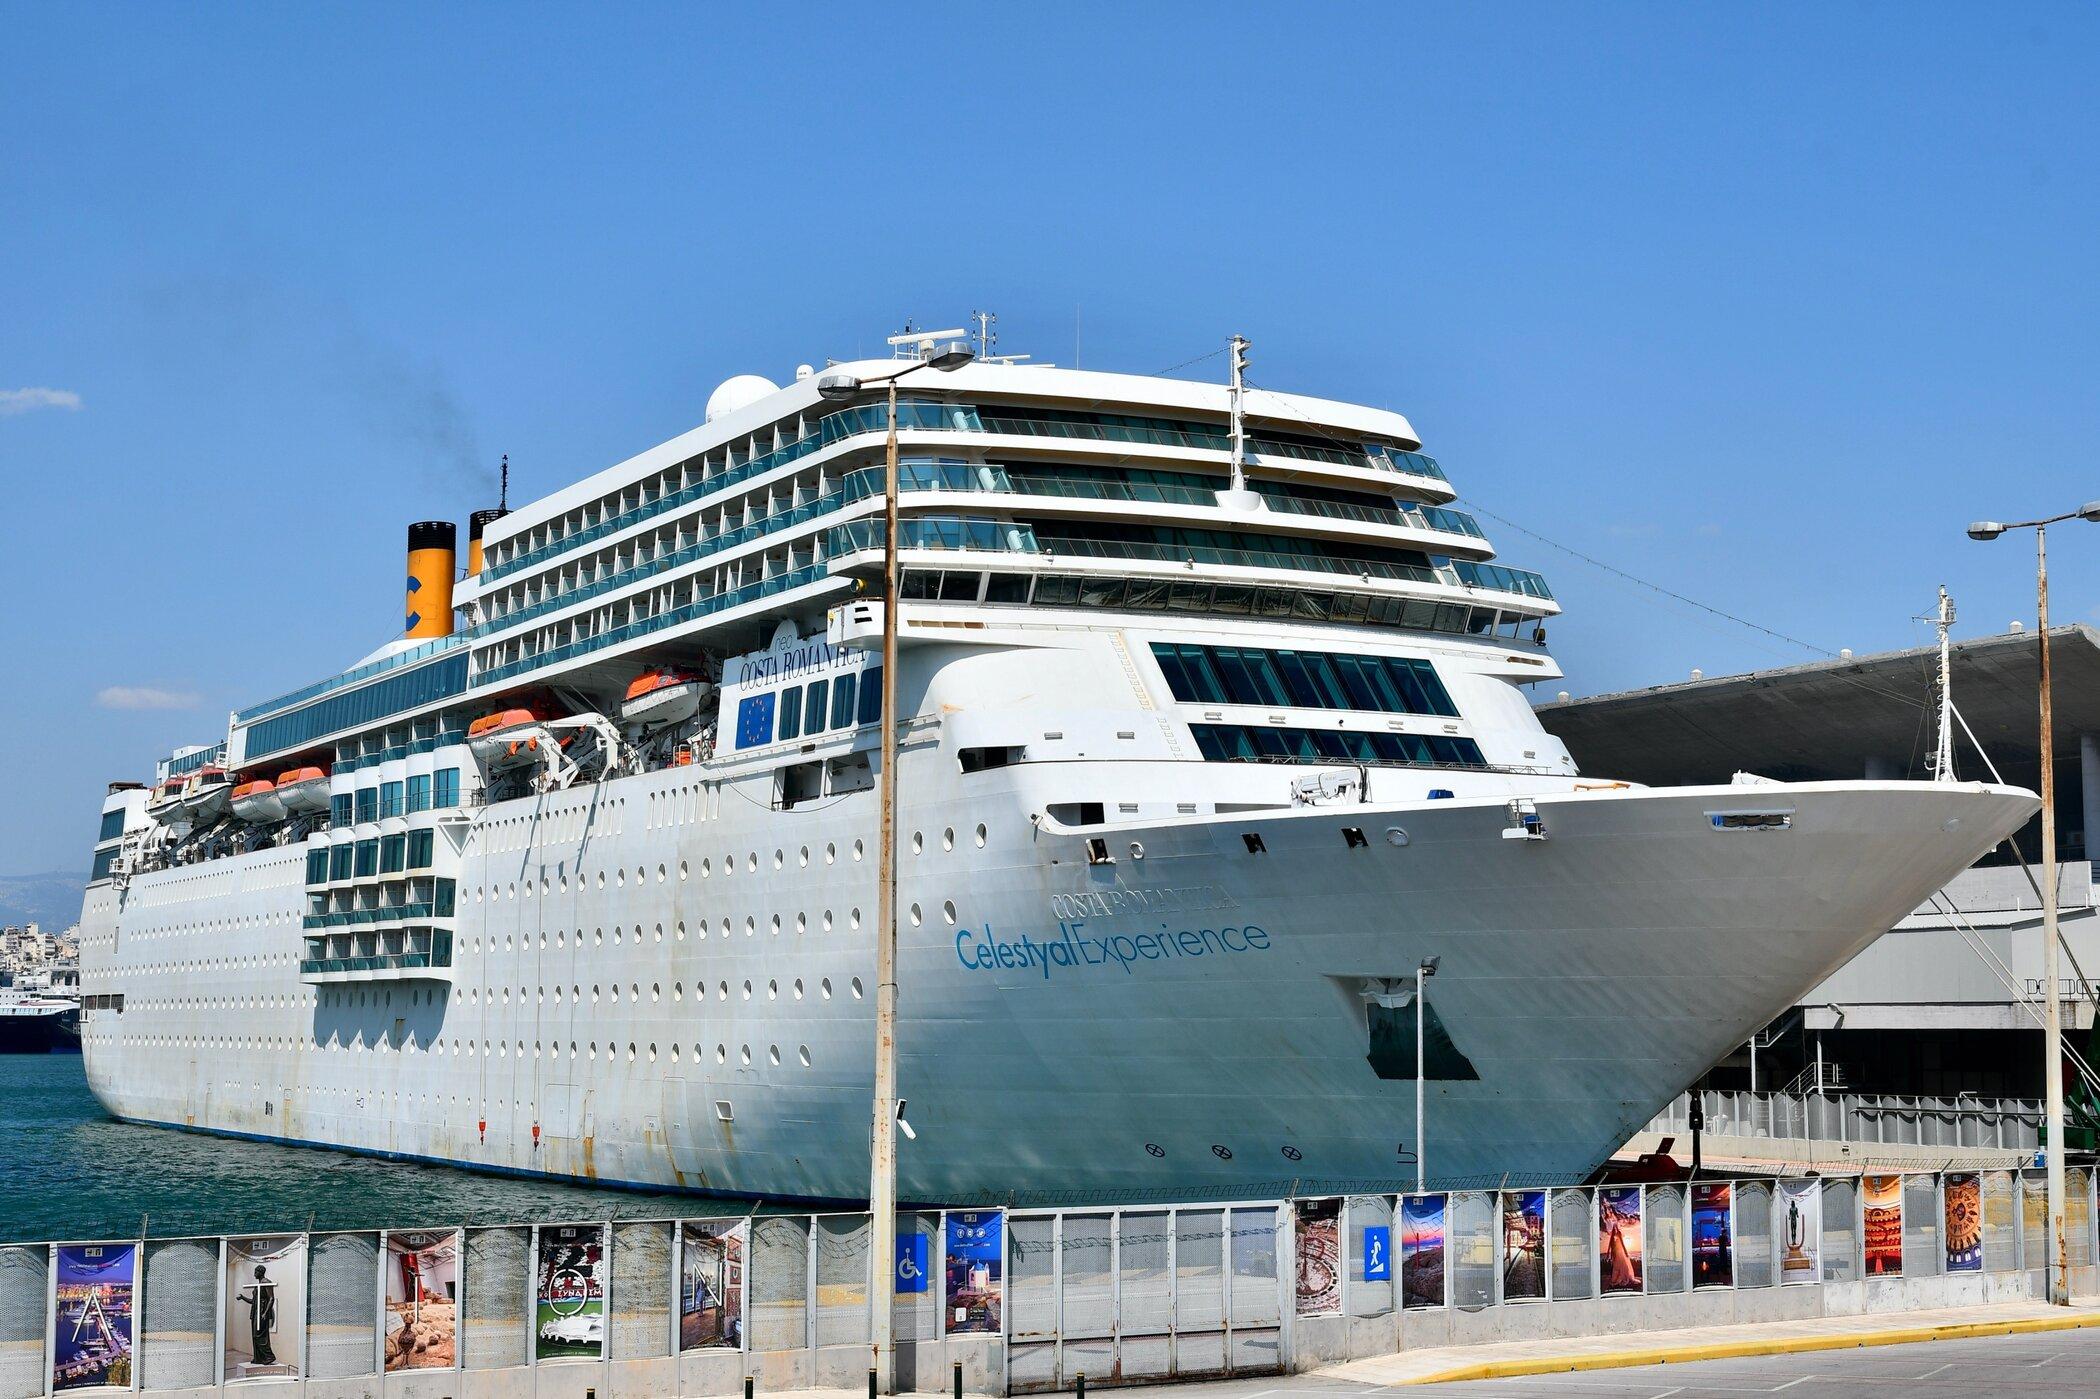 Celestyal Experience_23-08-20_Piraeus_2